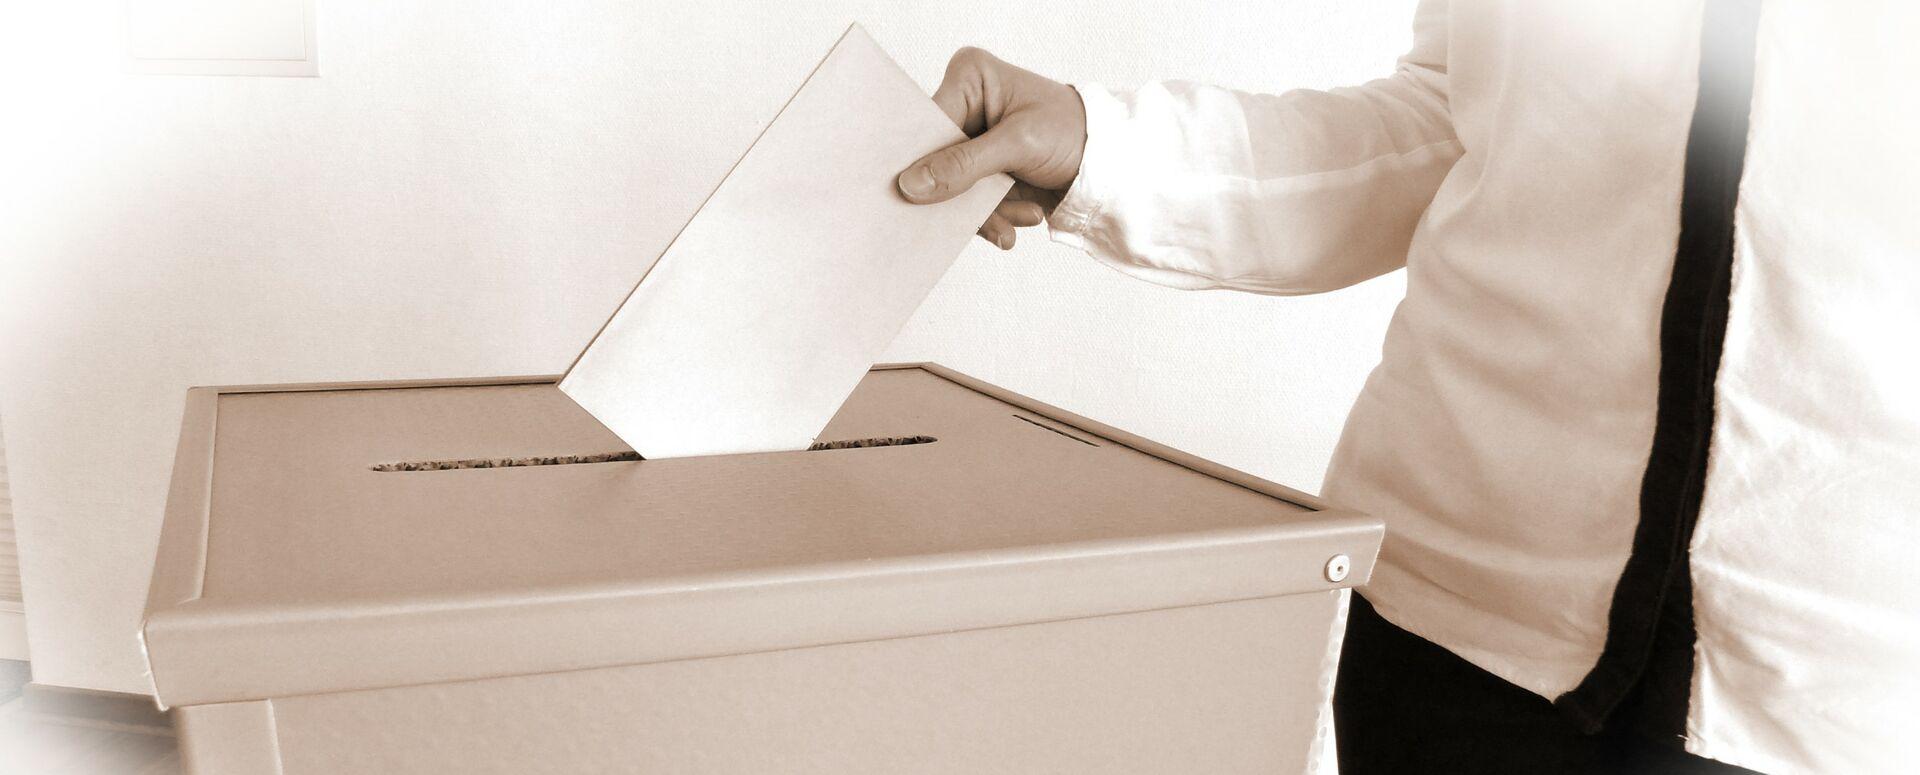 Informationen zu Wahlen in Maintal (Das Bild zeigt eine Wahlurne)